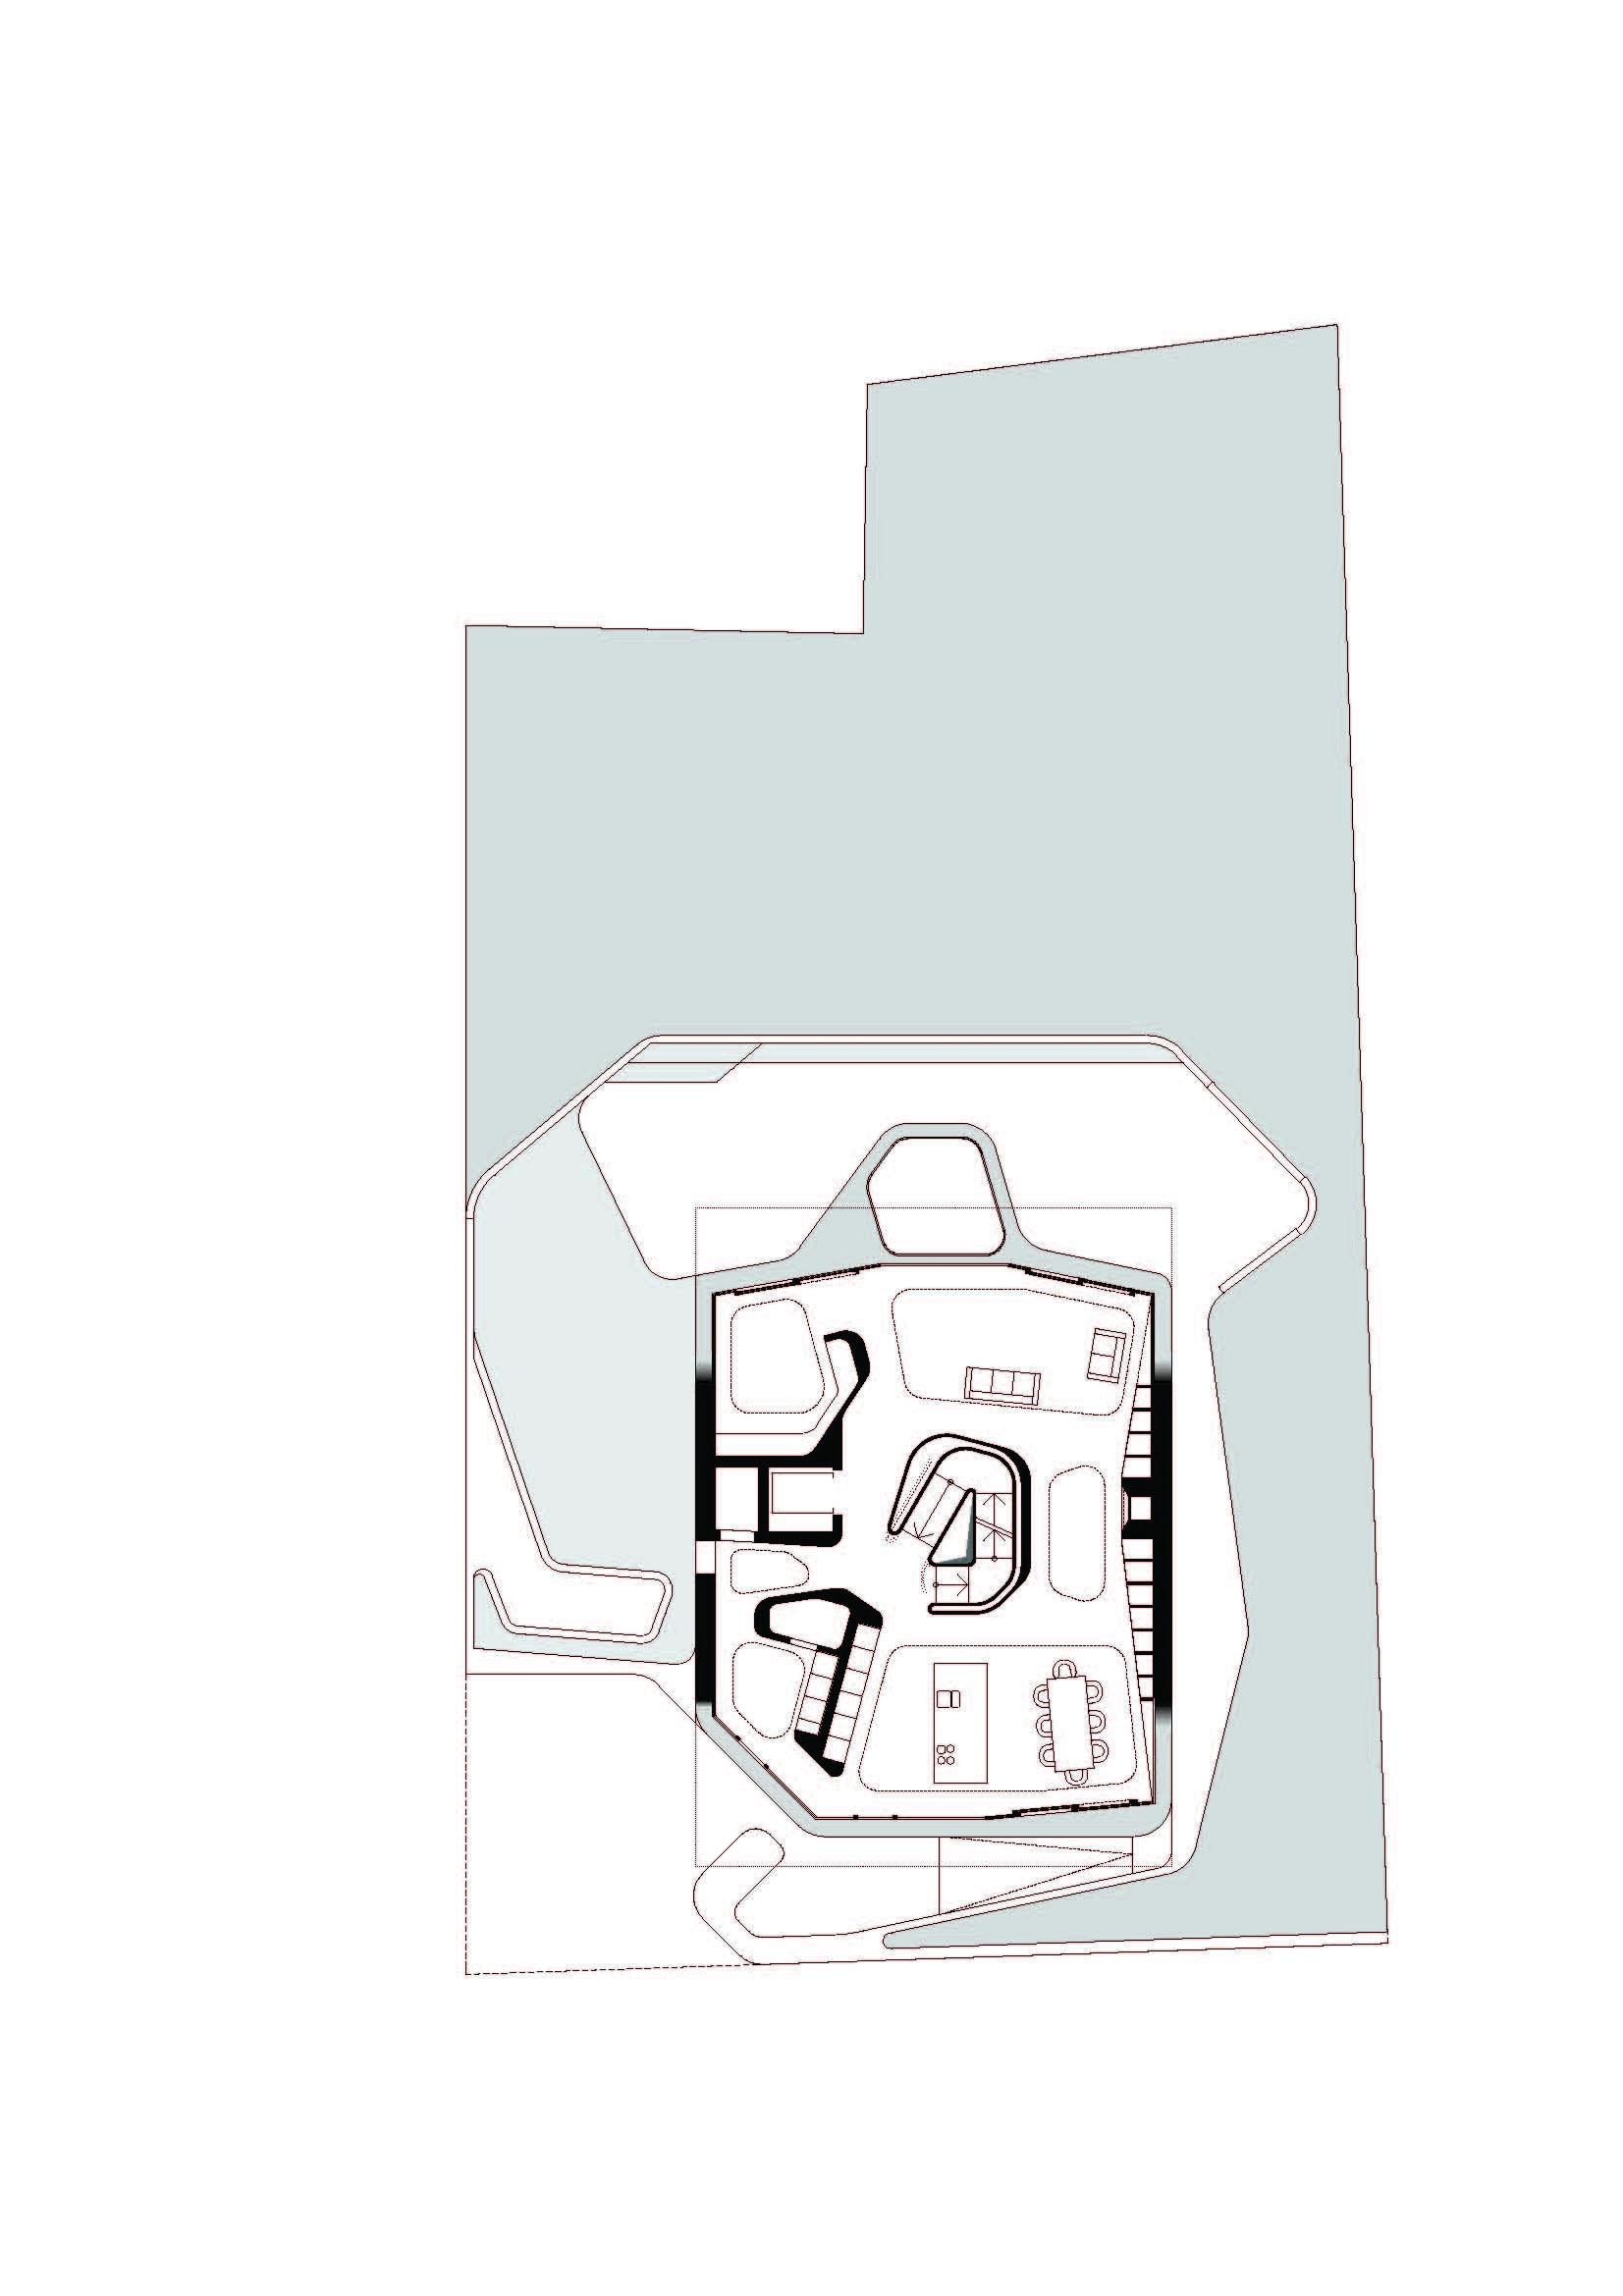 Plans d'étage - Maison OLS - Stuttgart, Bade-Wurtemberg, Allemagne